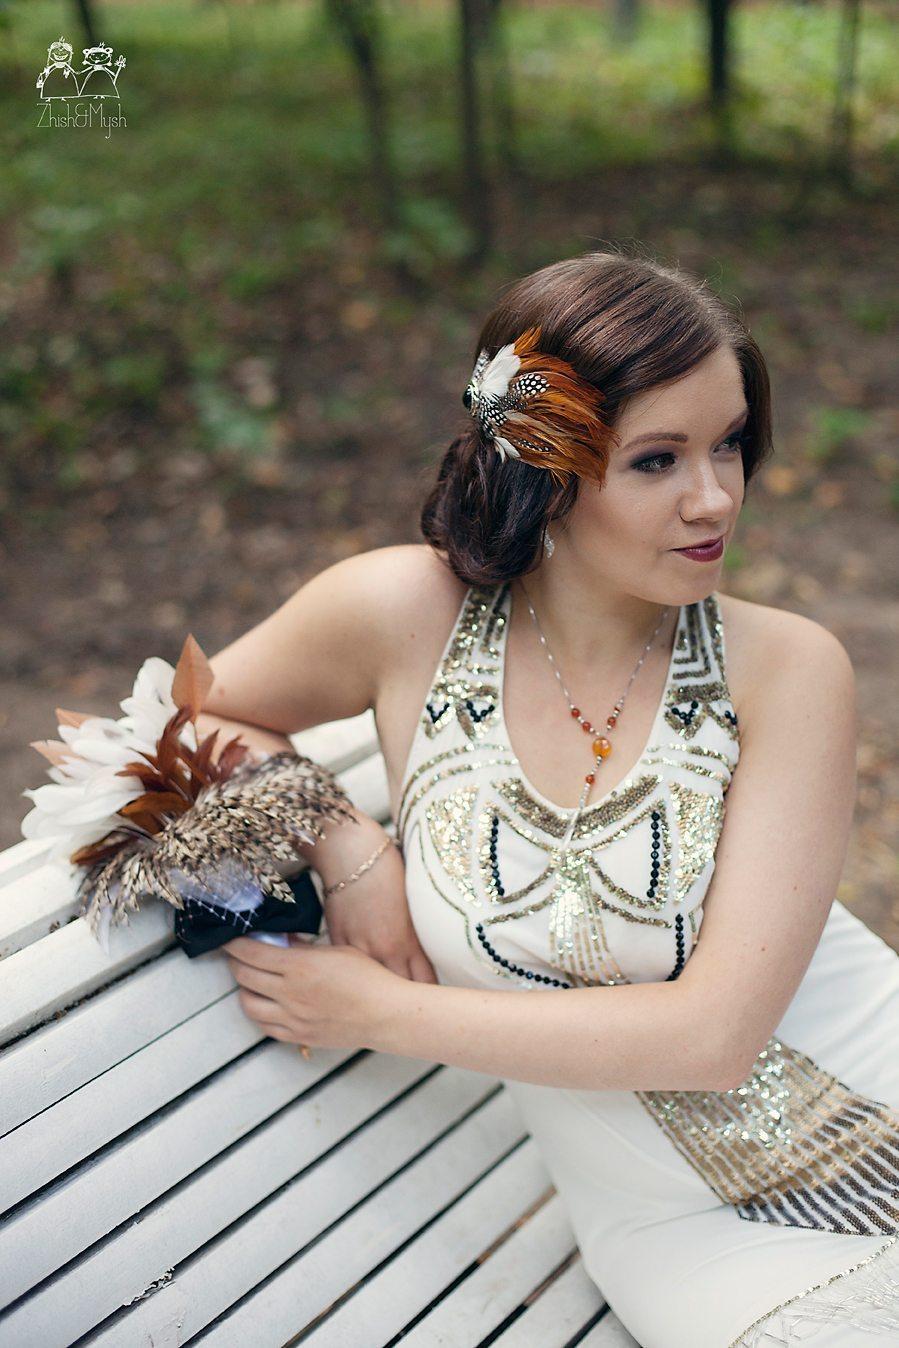 [3] Украшение для волос невесты и букет из перьев